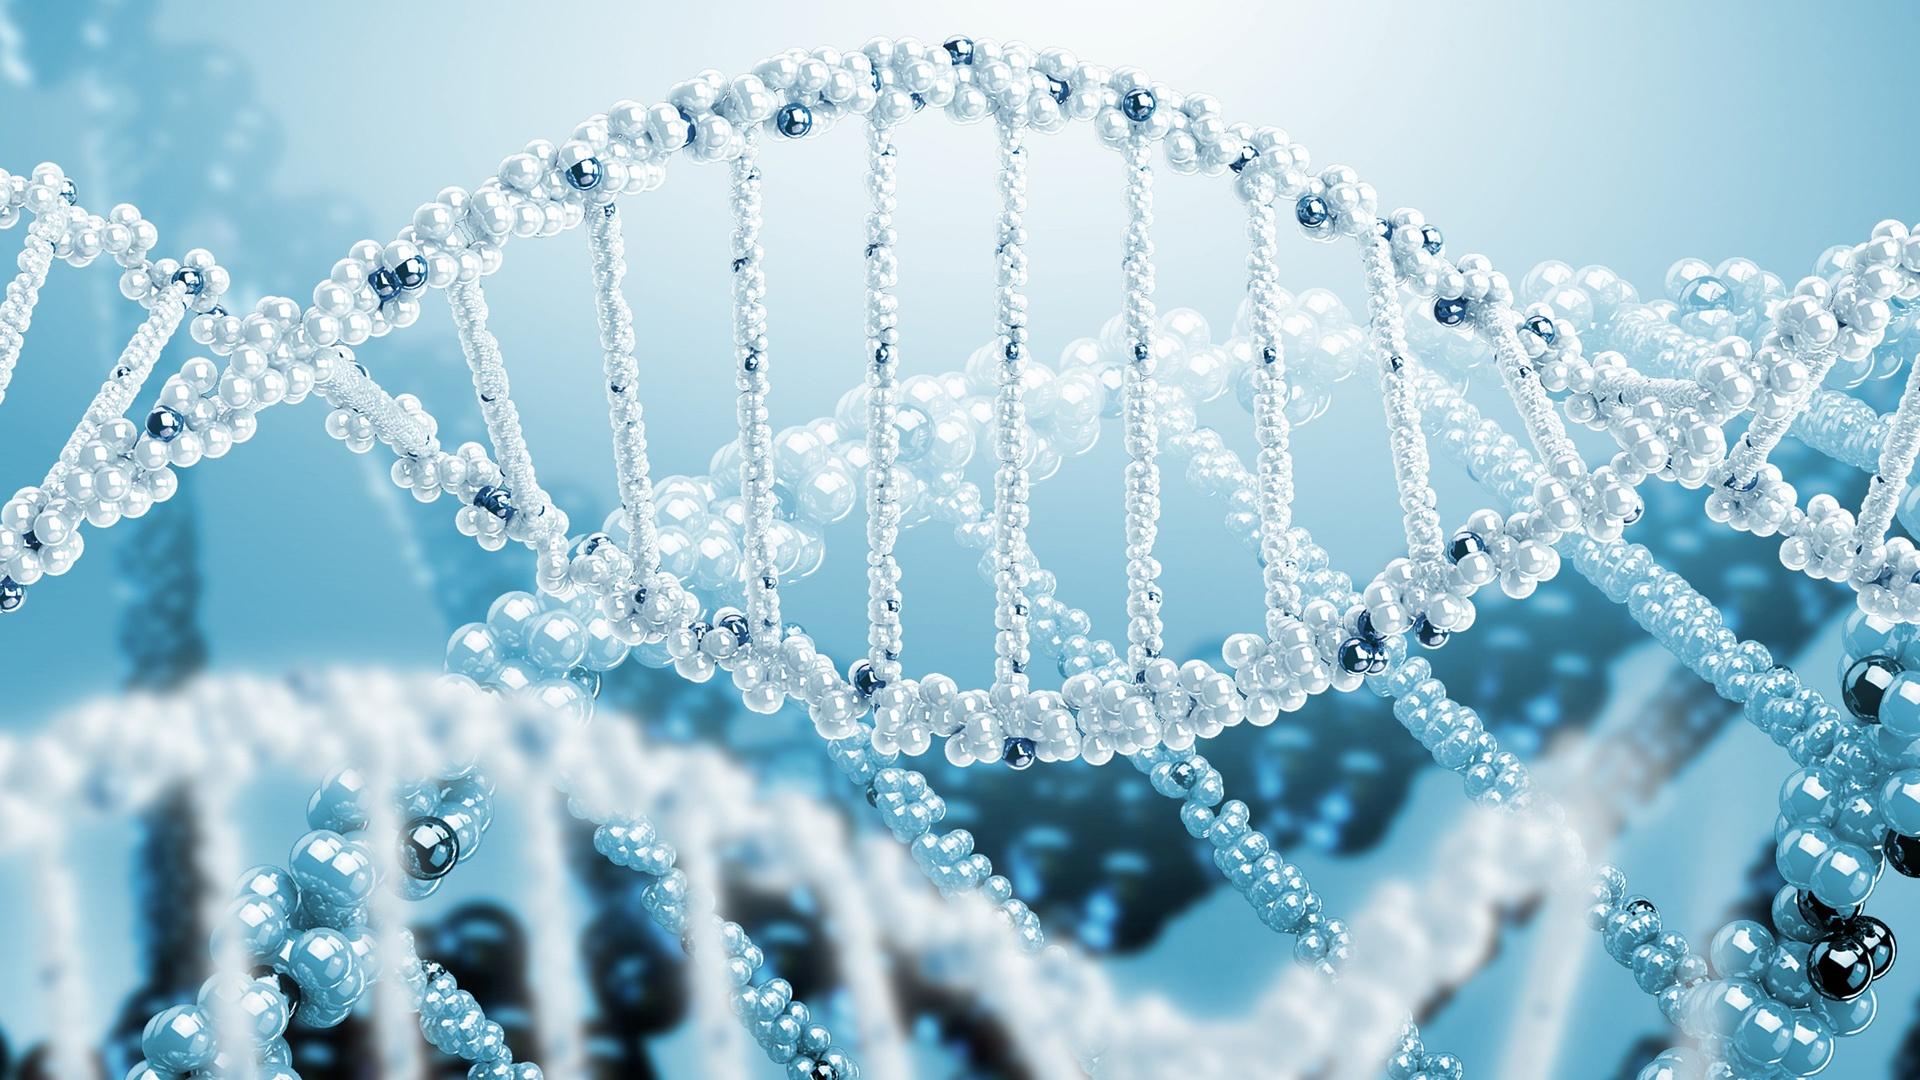 genetic wallpaper hd 47248